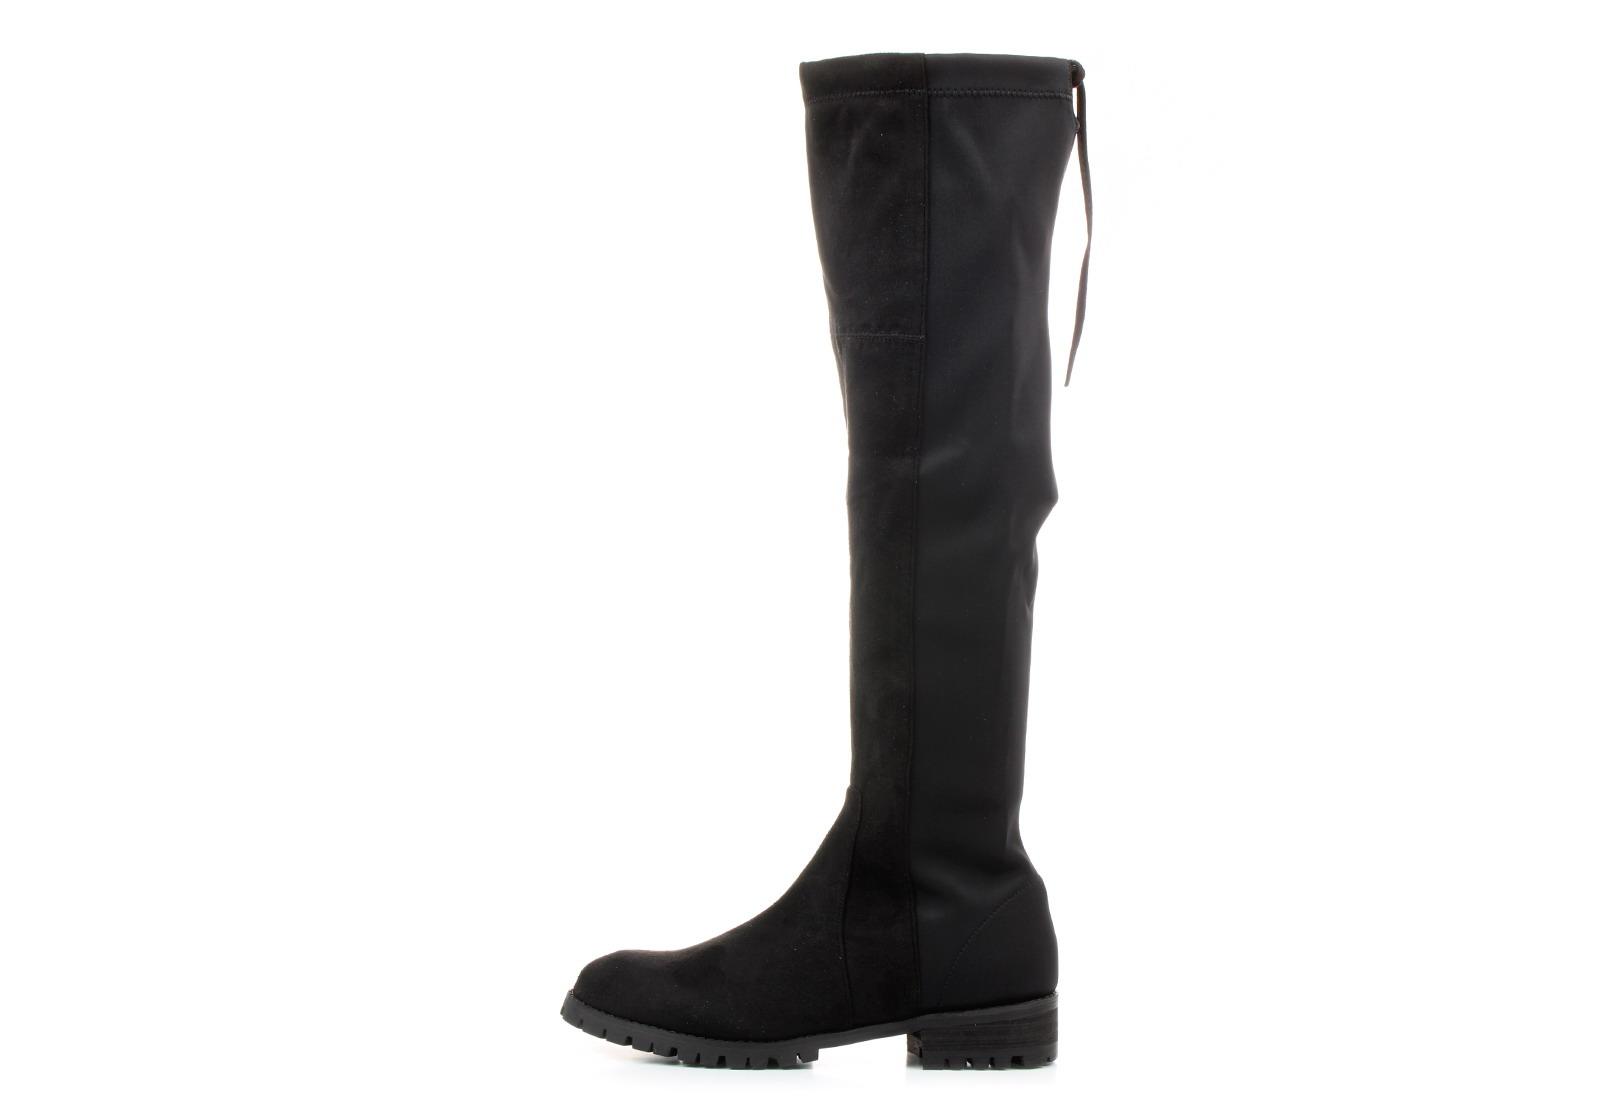 613b4e12 Pepe Jeans Wysokie Buty - Amy - PLS50343999 - Obuwie i buty damskie ...